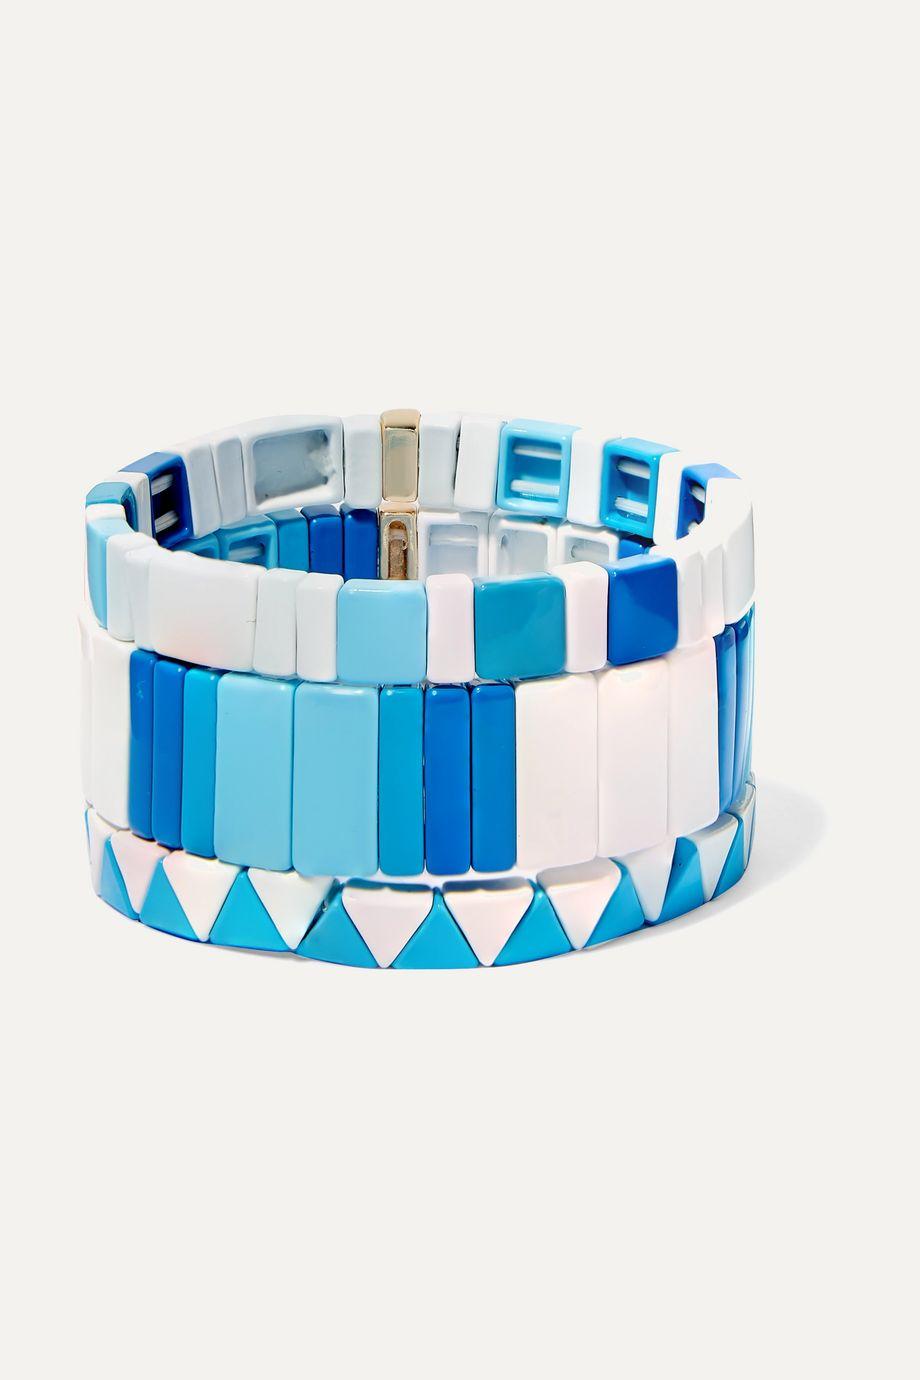 록산느 애슐린 팔찌 Roxanne Assoulin Mykonos set of three enamel bracelets,Blue